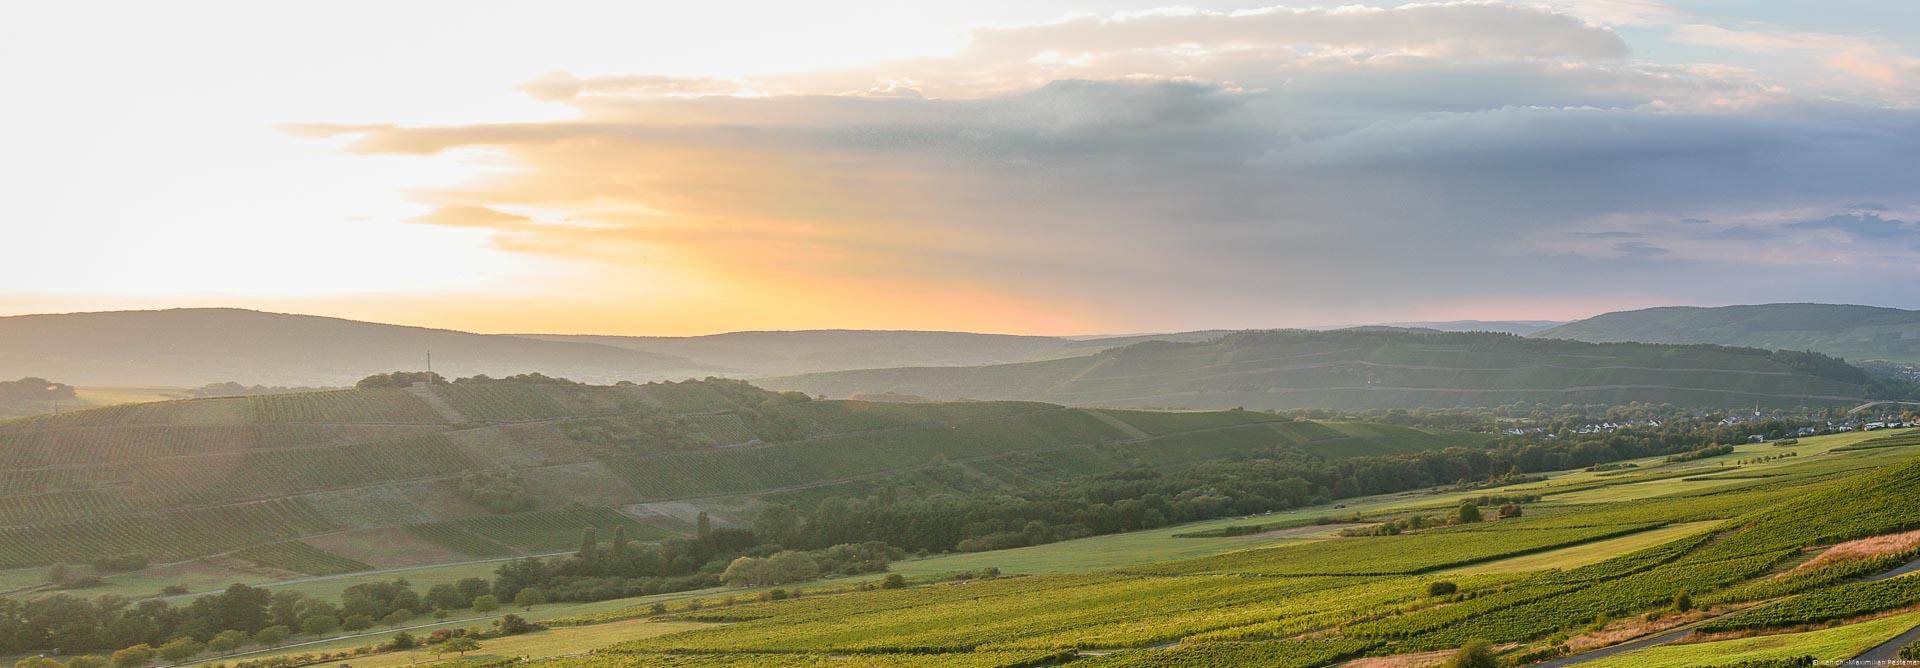 Die Ebene zwischen Veldenz und Brauneberg bietet dem Besucher wunderbare Sonnenuntergänge in der Weinlandschaft an der Mosel.